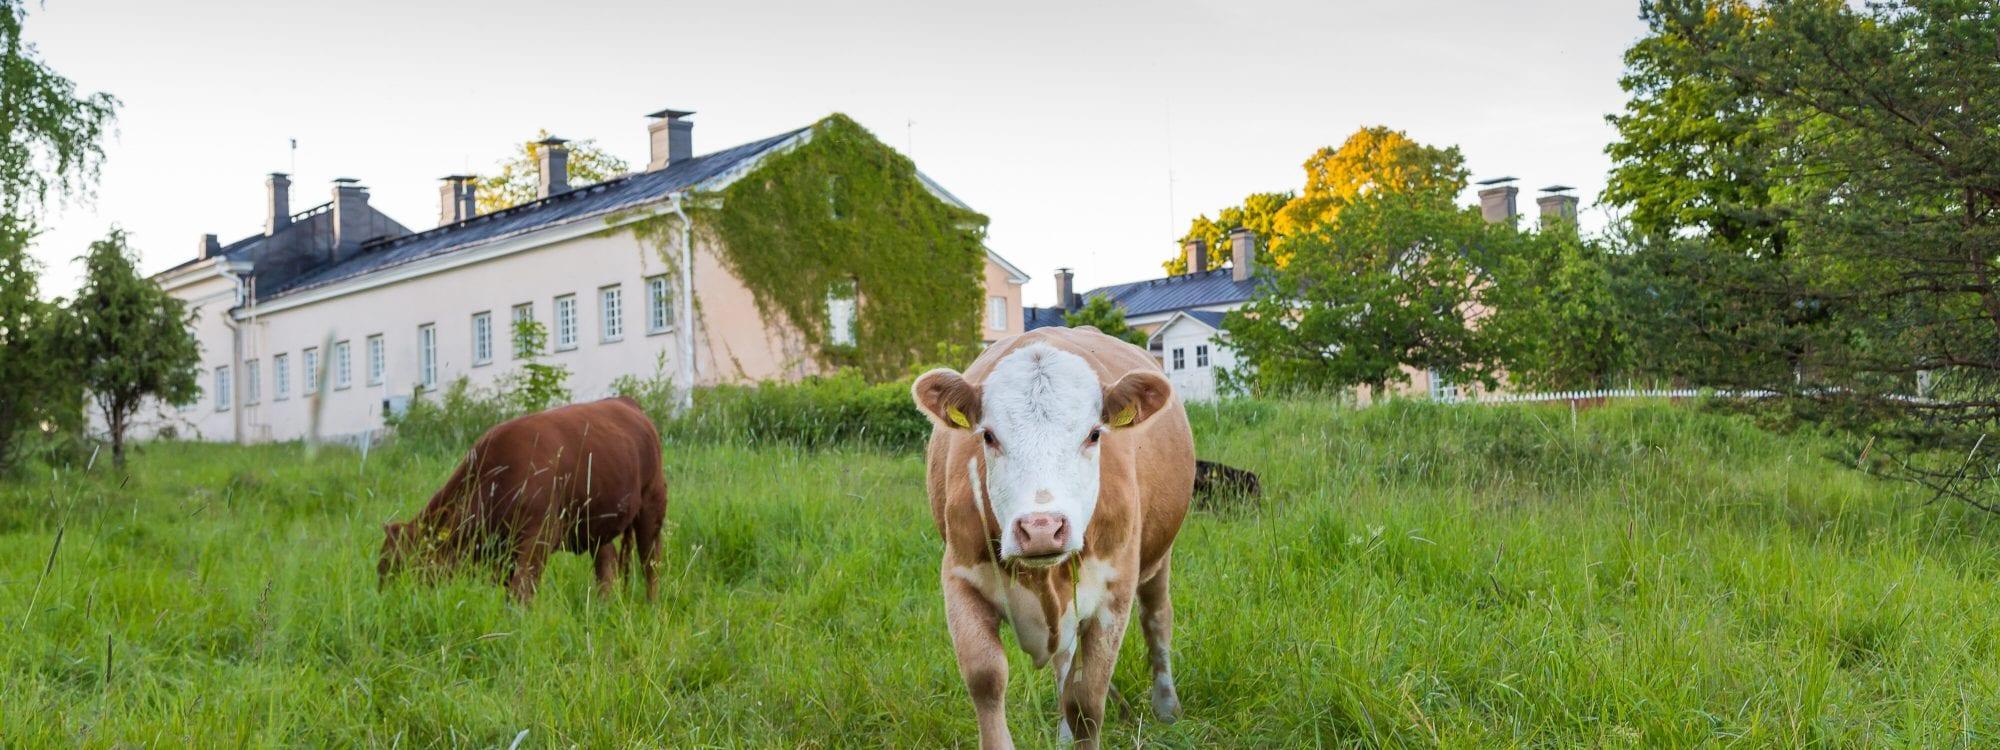 Seili kesällä 2016, lehmät maisemoimassa päärakennuksen ympäristöä.